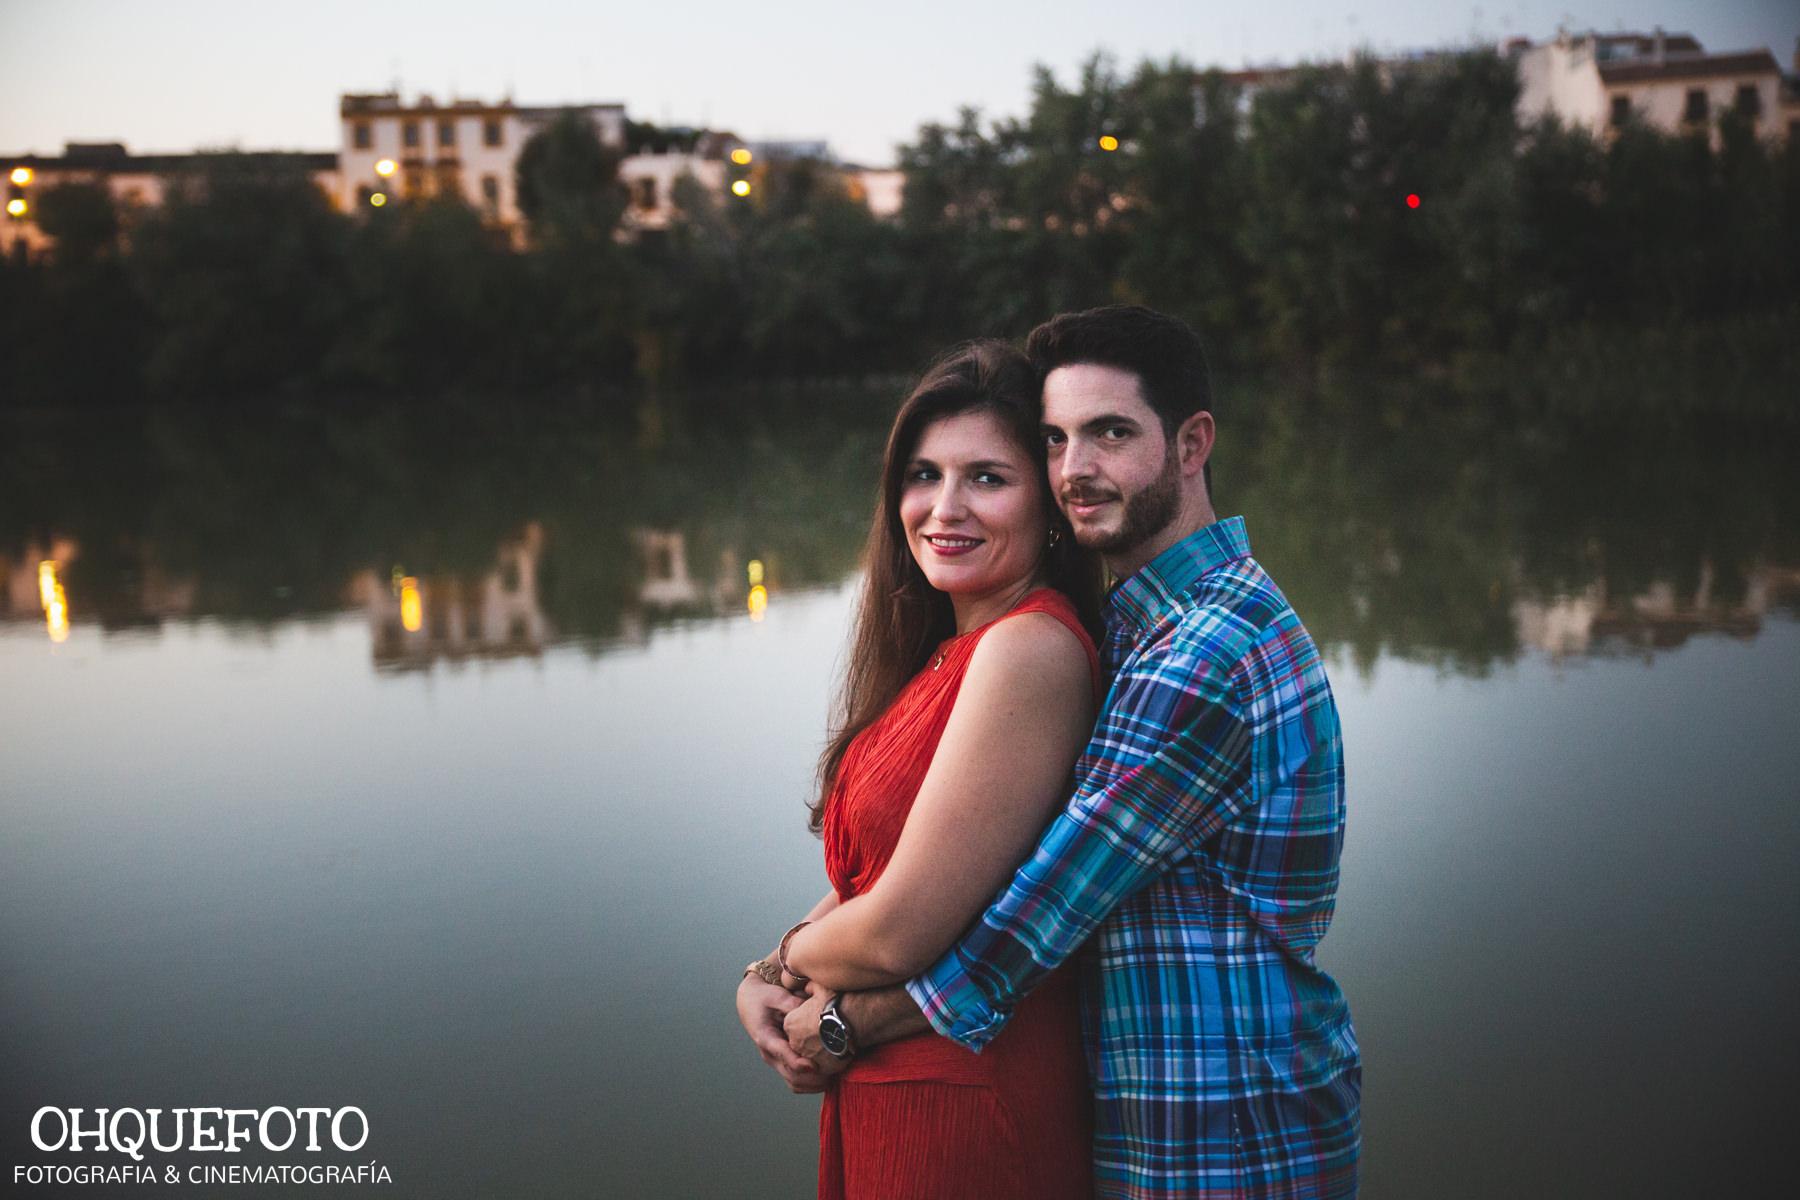 reportaje de preboda en cordoba ohquefoto fotos de boda en la mezquita de cordoba video de boda388 - Preboda en Córdoba de Roberto y Ana Belén